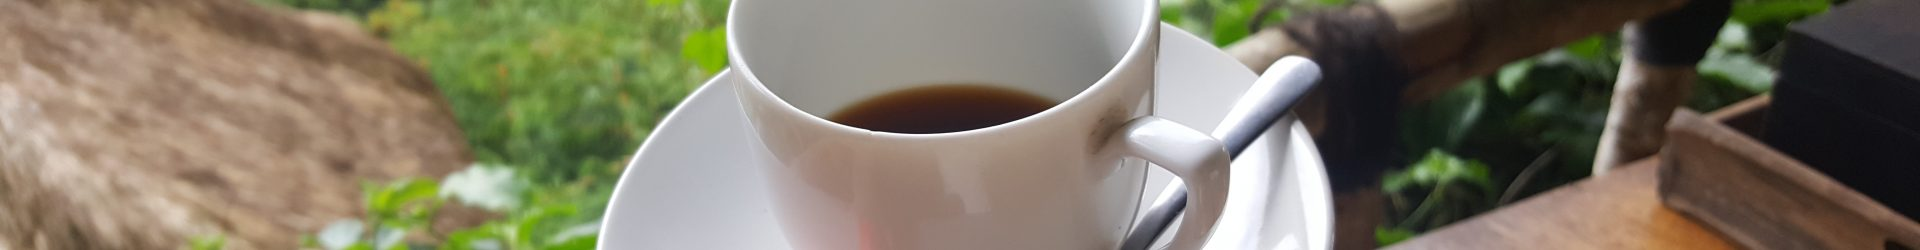 Endlich mal auf einer Kaffeeplantage